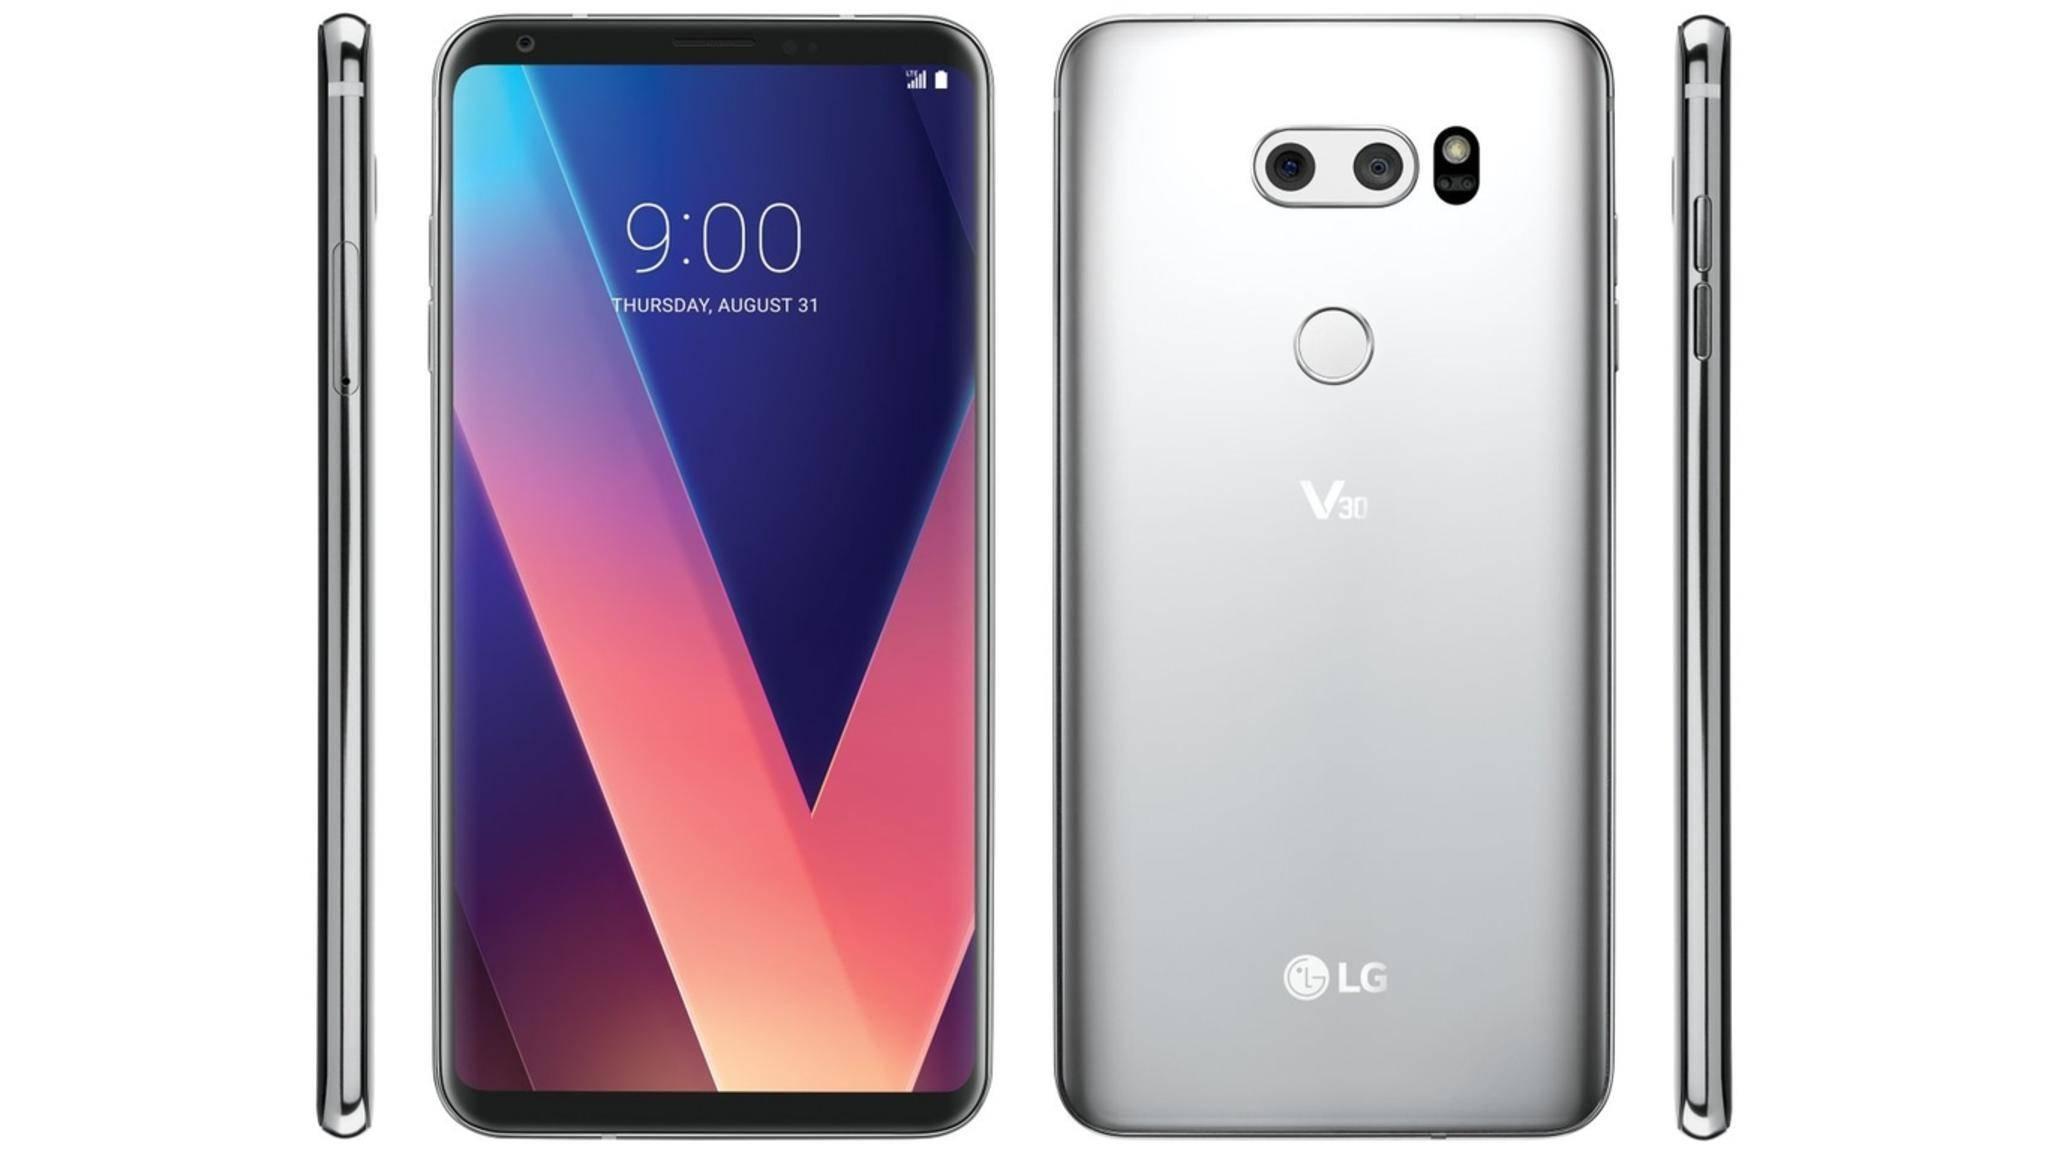 Beim LG V30 ist der kapazitive Fingerabdrucksensor auf der Rückseite angebracht.